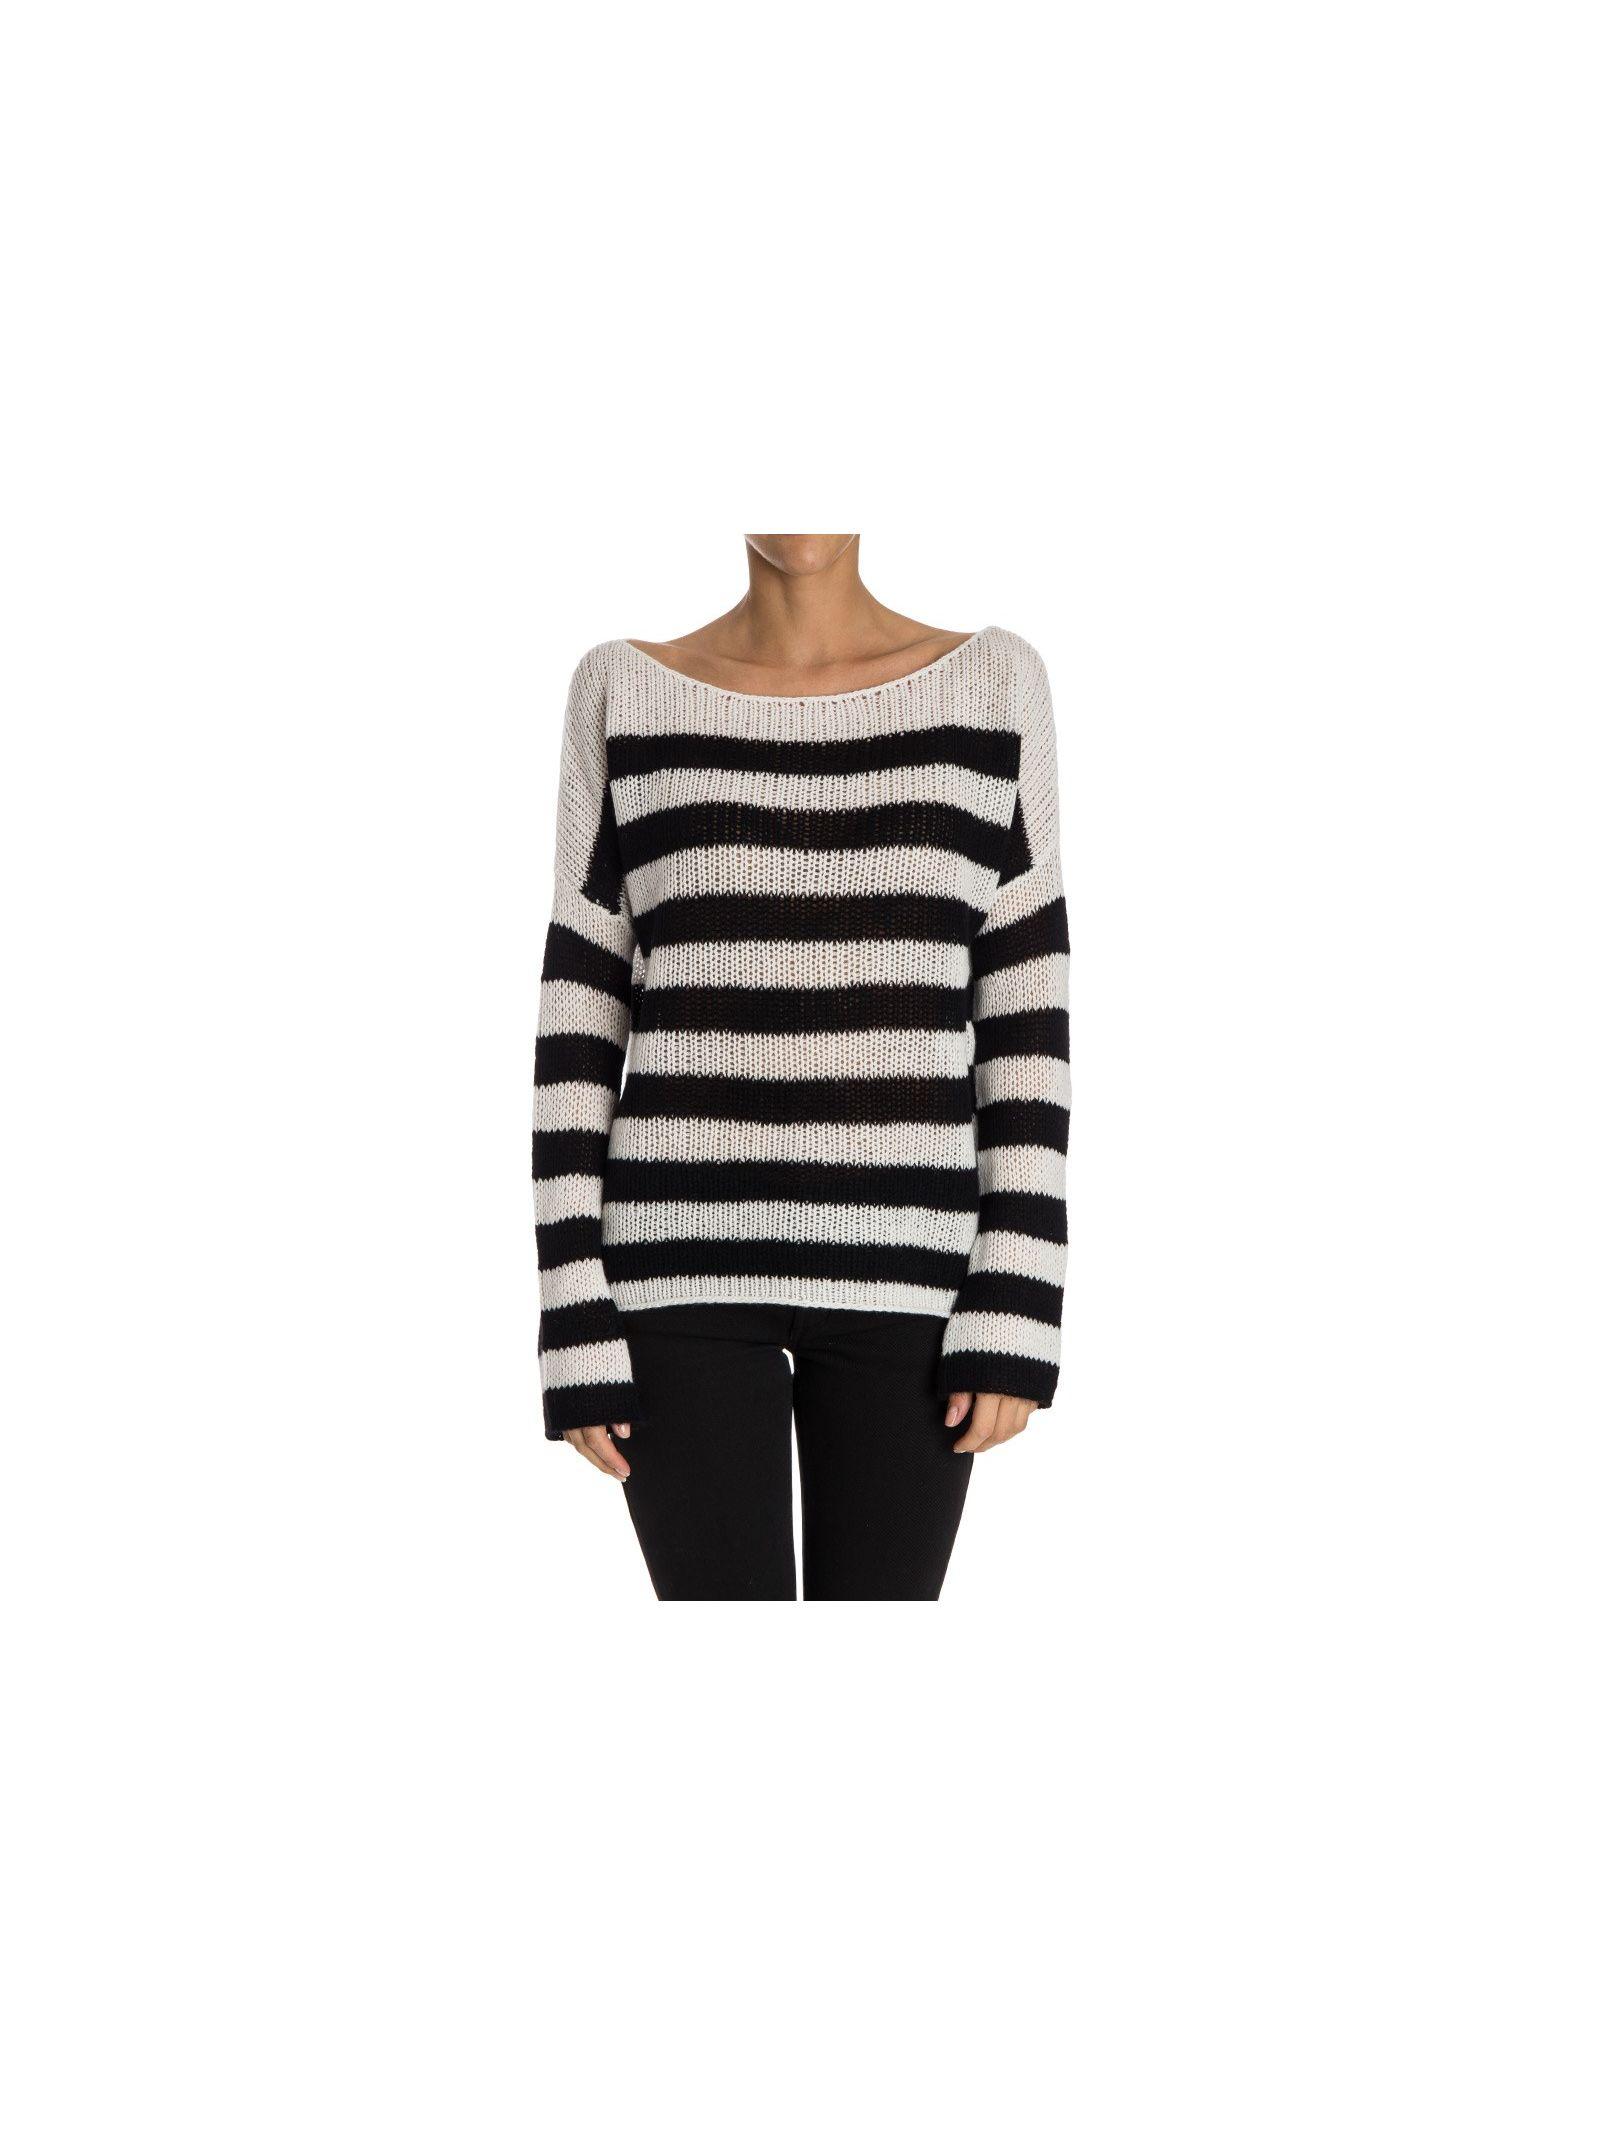 Pulover de damă Nicole Sweater, din cașmir, diferite mărimi